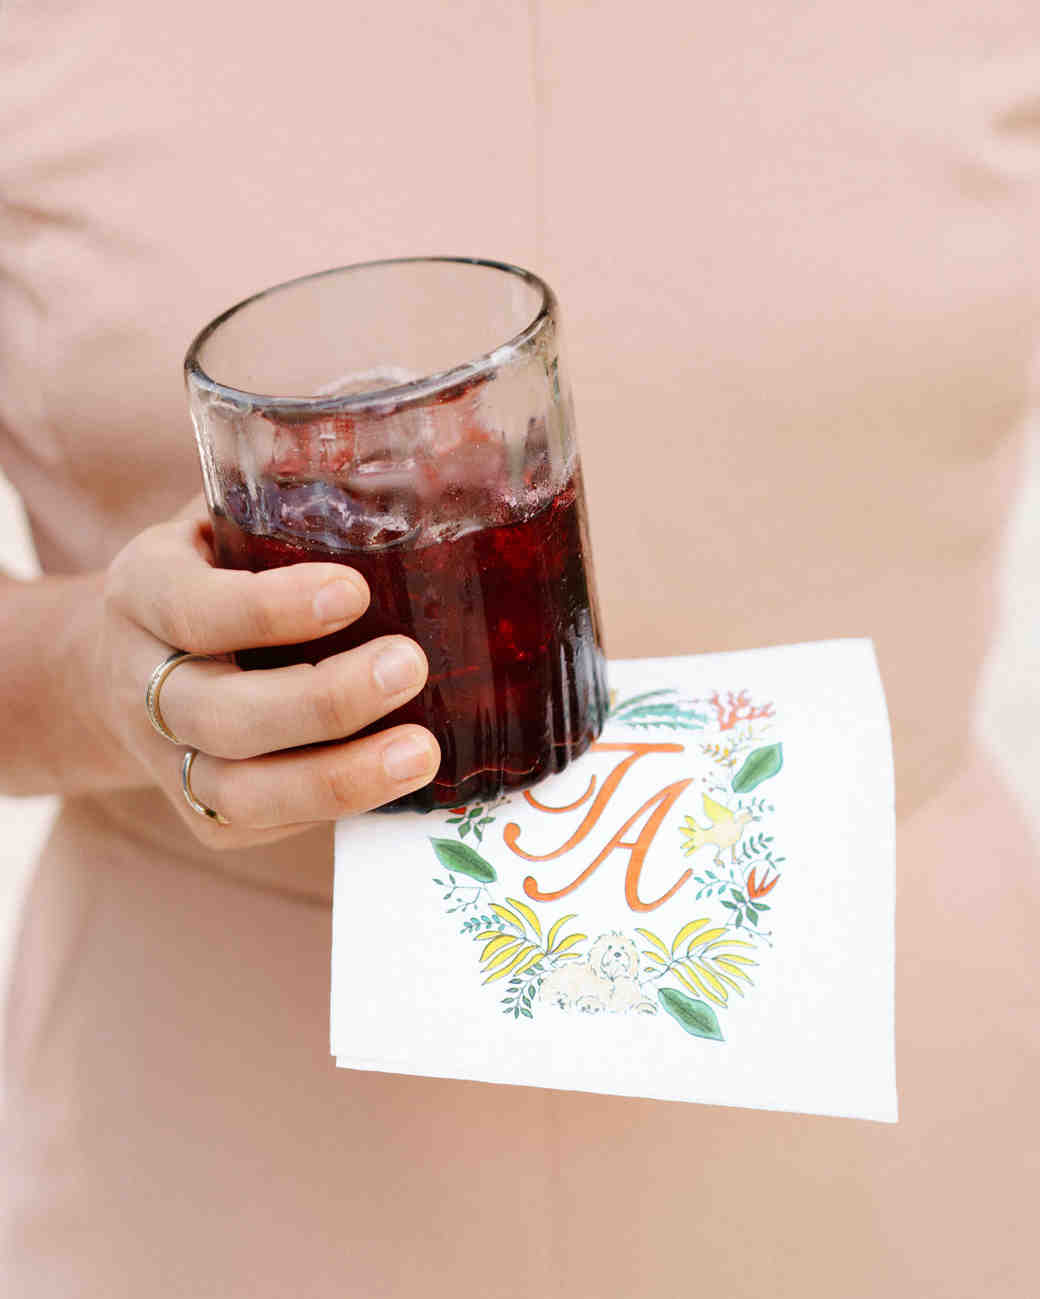 ariel trevor wedding tulum mexico signature cocktails